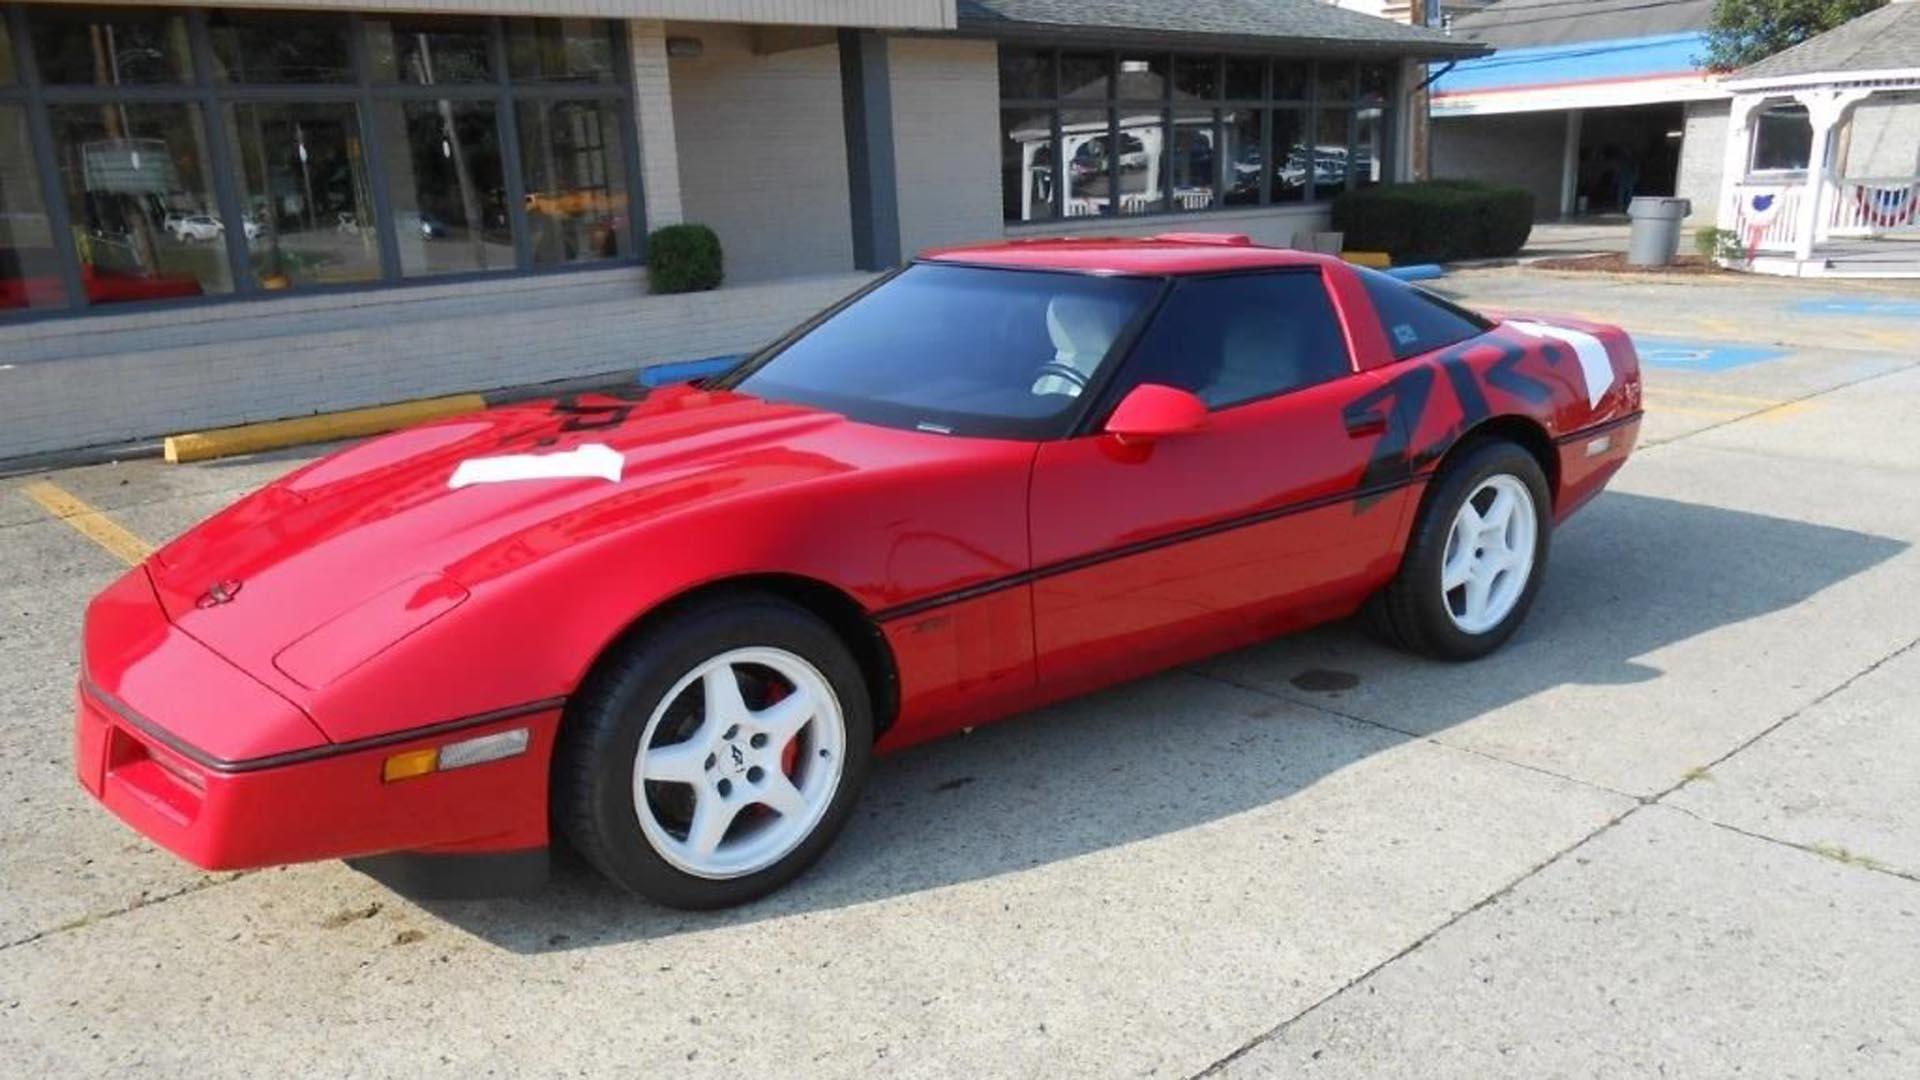 Kelebihan Corvette C4 Zr1 Perbandingan Harga